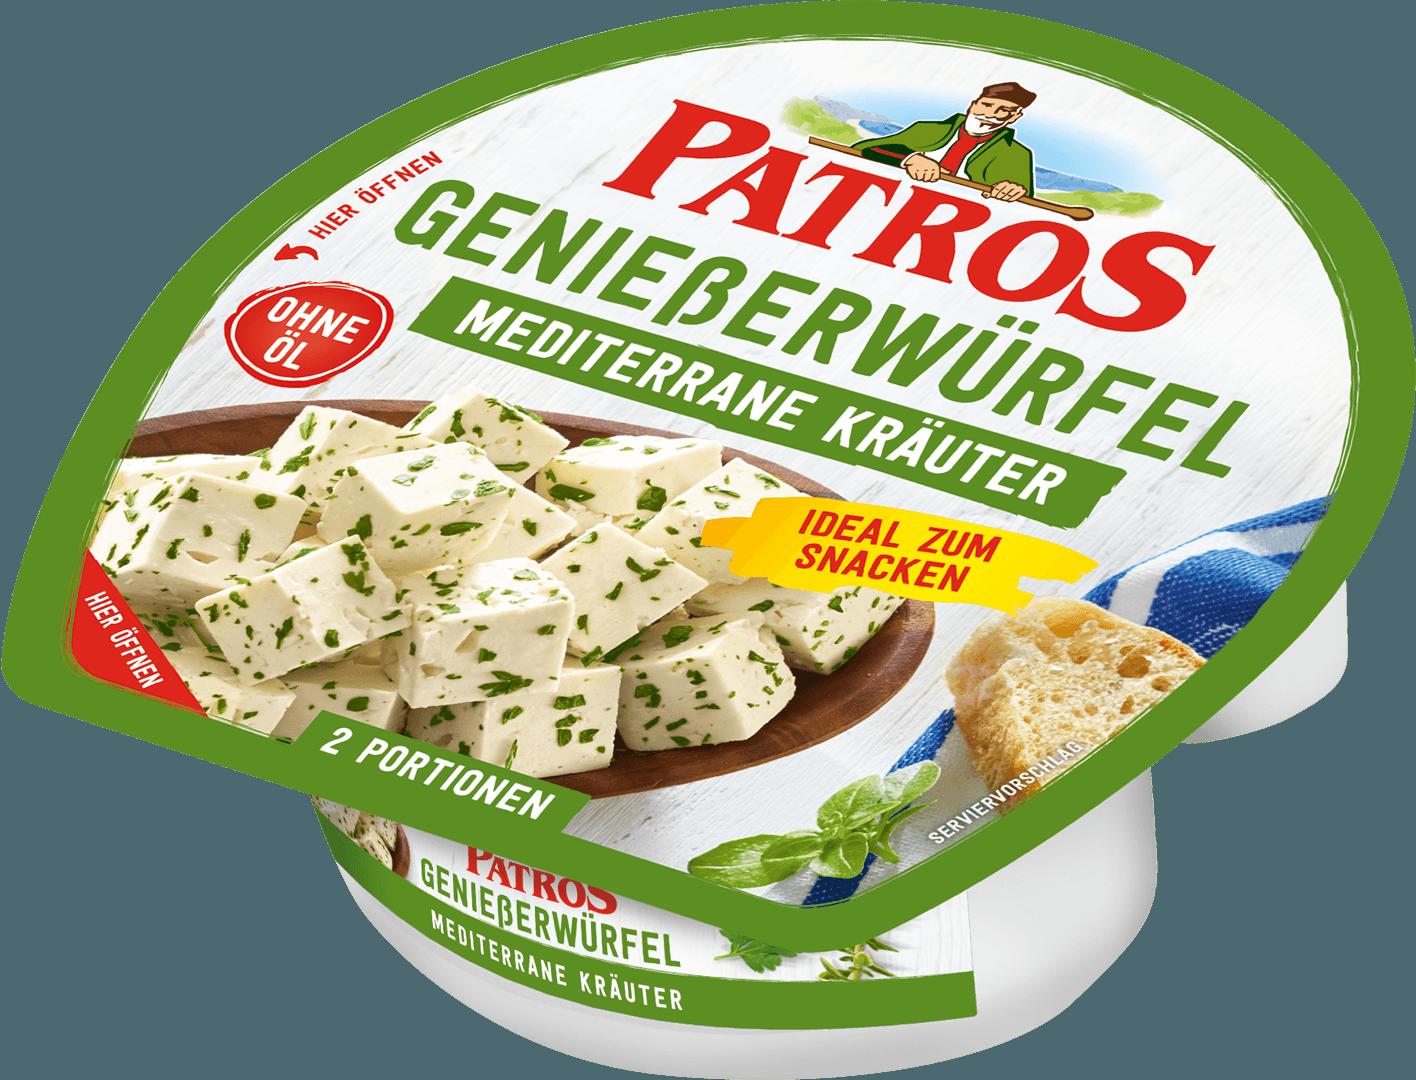 PATROS_Geniesserwuerfel_Kraeuter